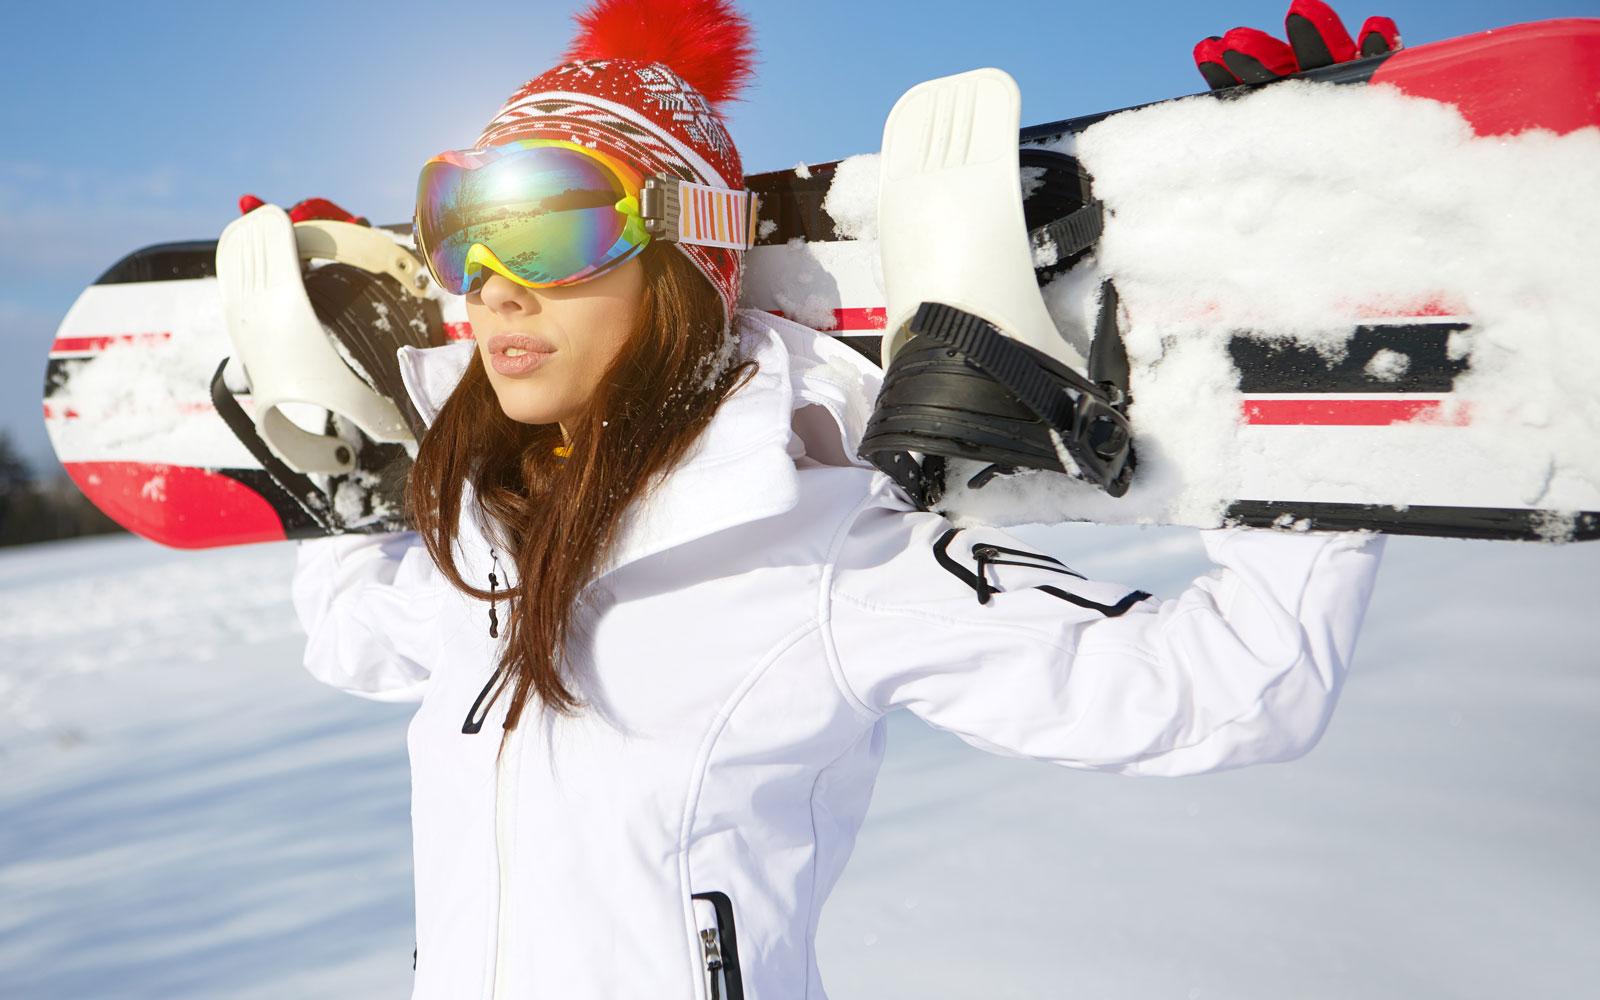 Settimana bianca: 10 regole d'oro per sciare in sicurezza